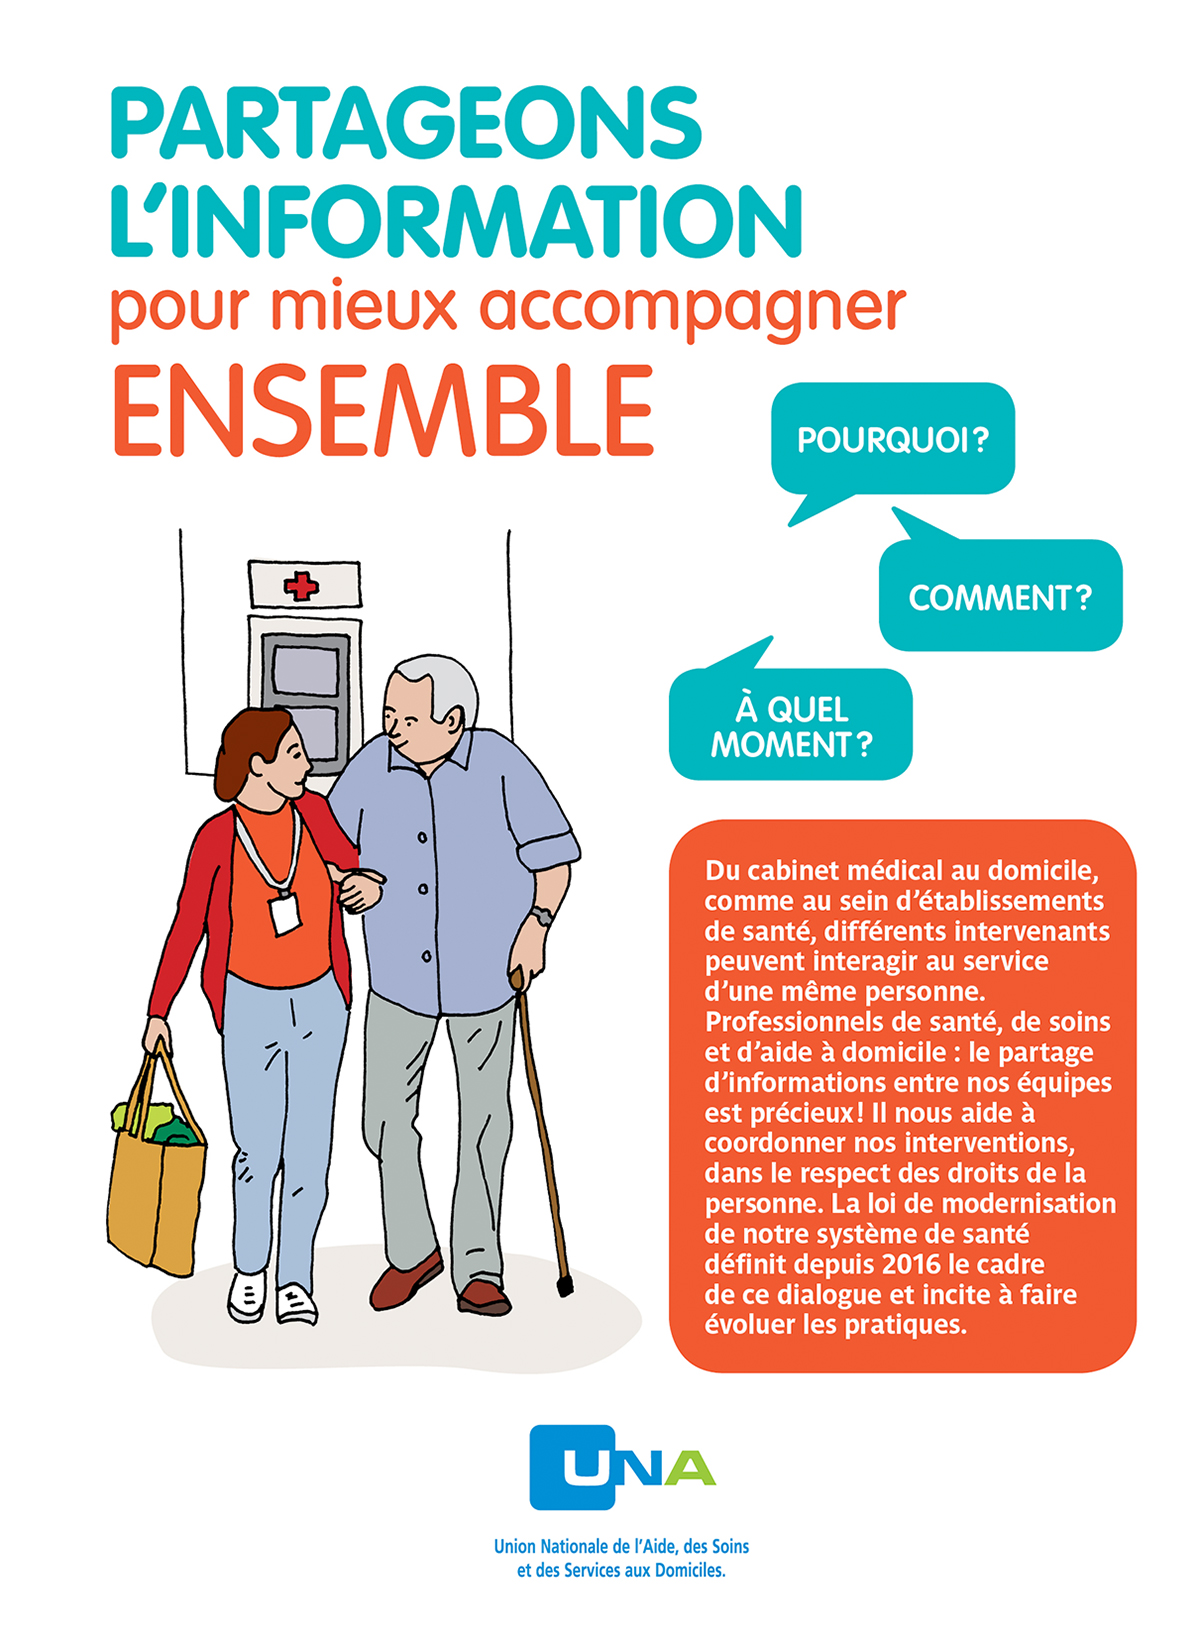 edition una Union Nationale de l'Aide dépliant A5 illustration